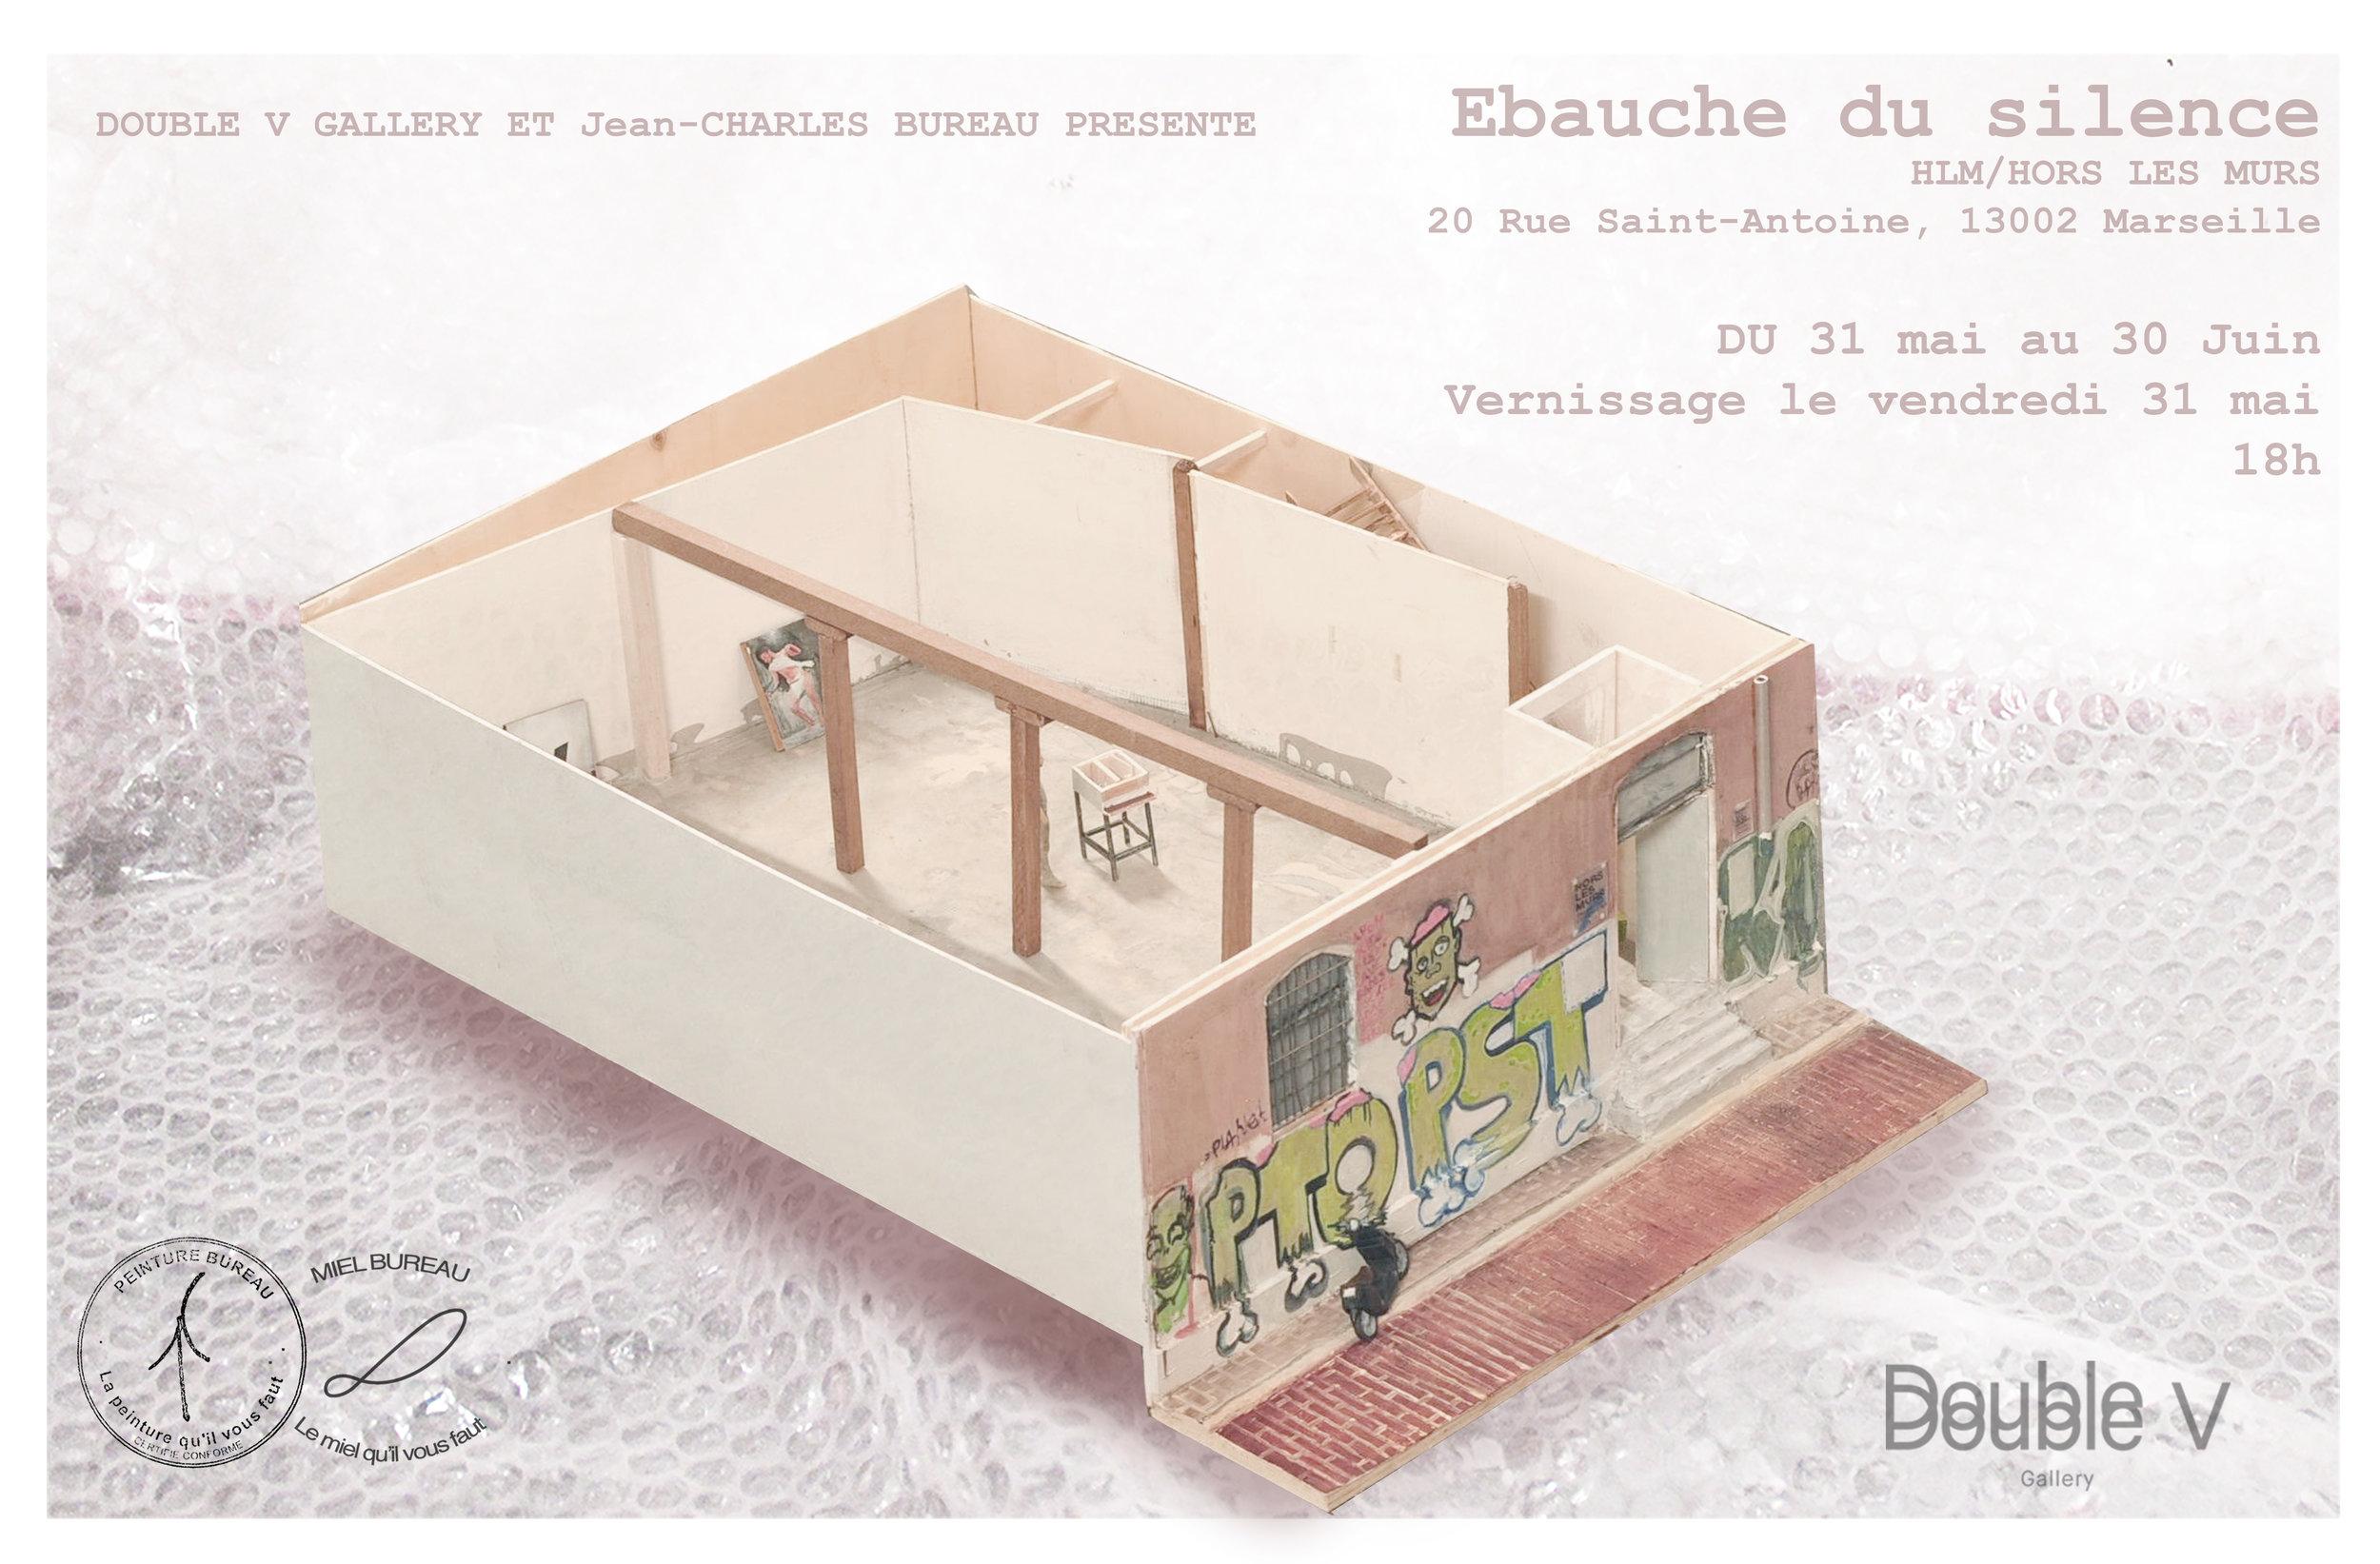 Jean-Charles Bureau_Double V Gallery_Marseille_Ebauche du Silence